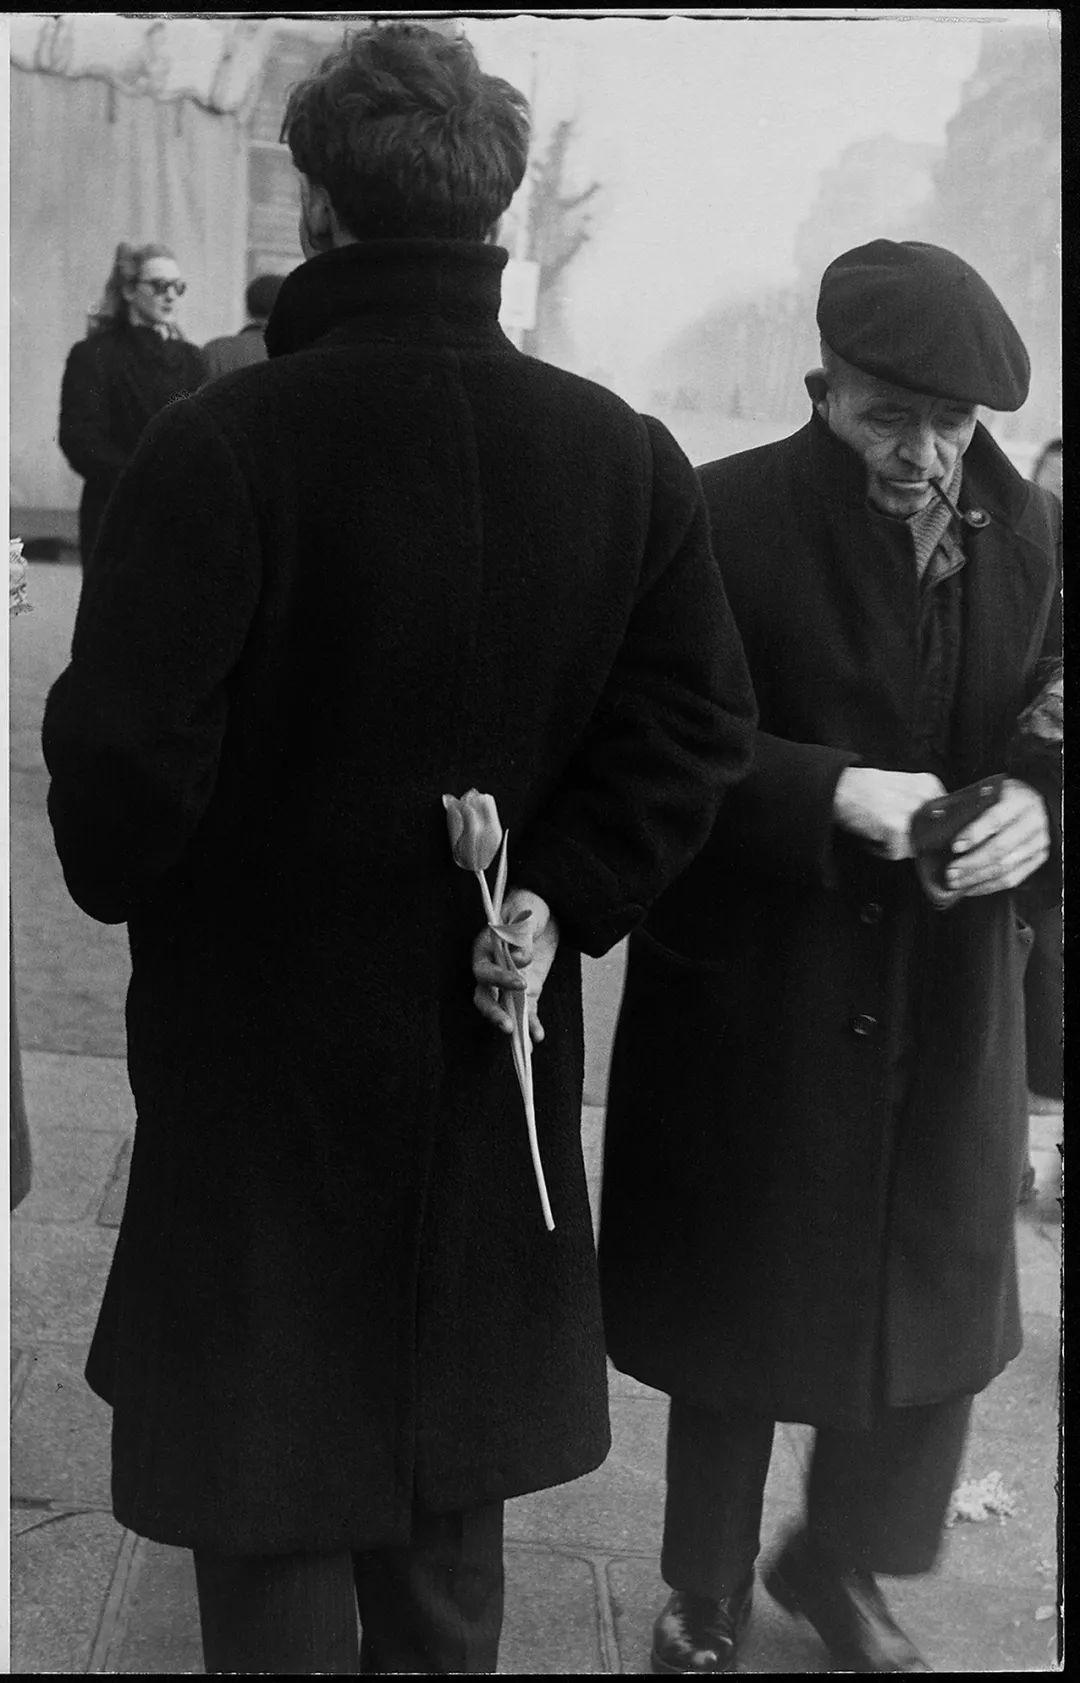 《郁金香》(1950年拍摄于巴黎)